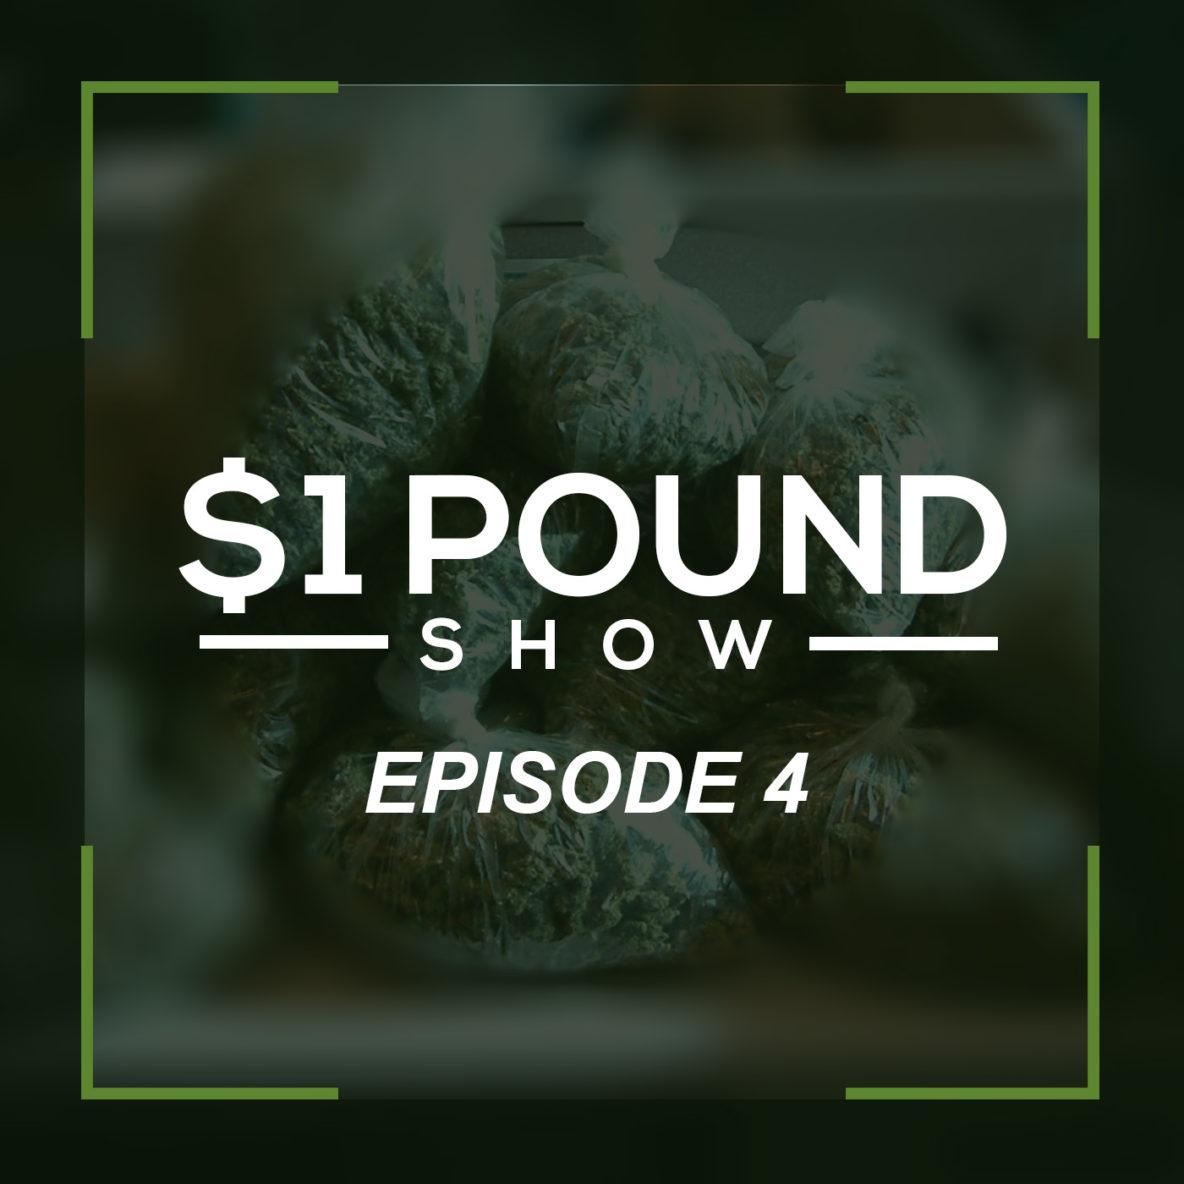 $1 Dollar Pound Episode 4